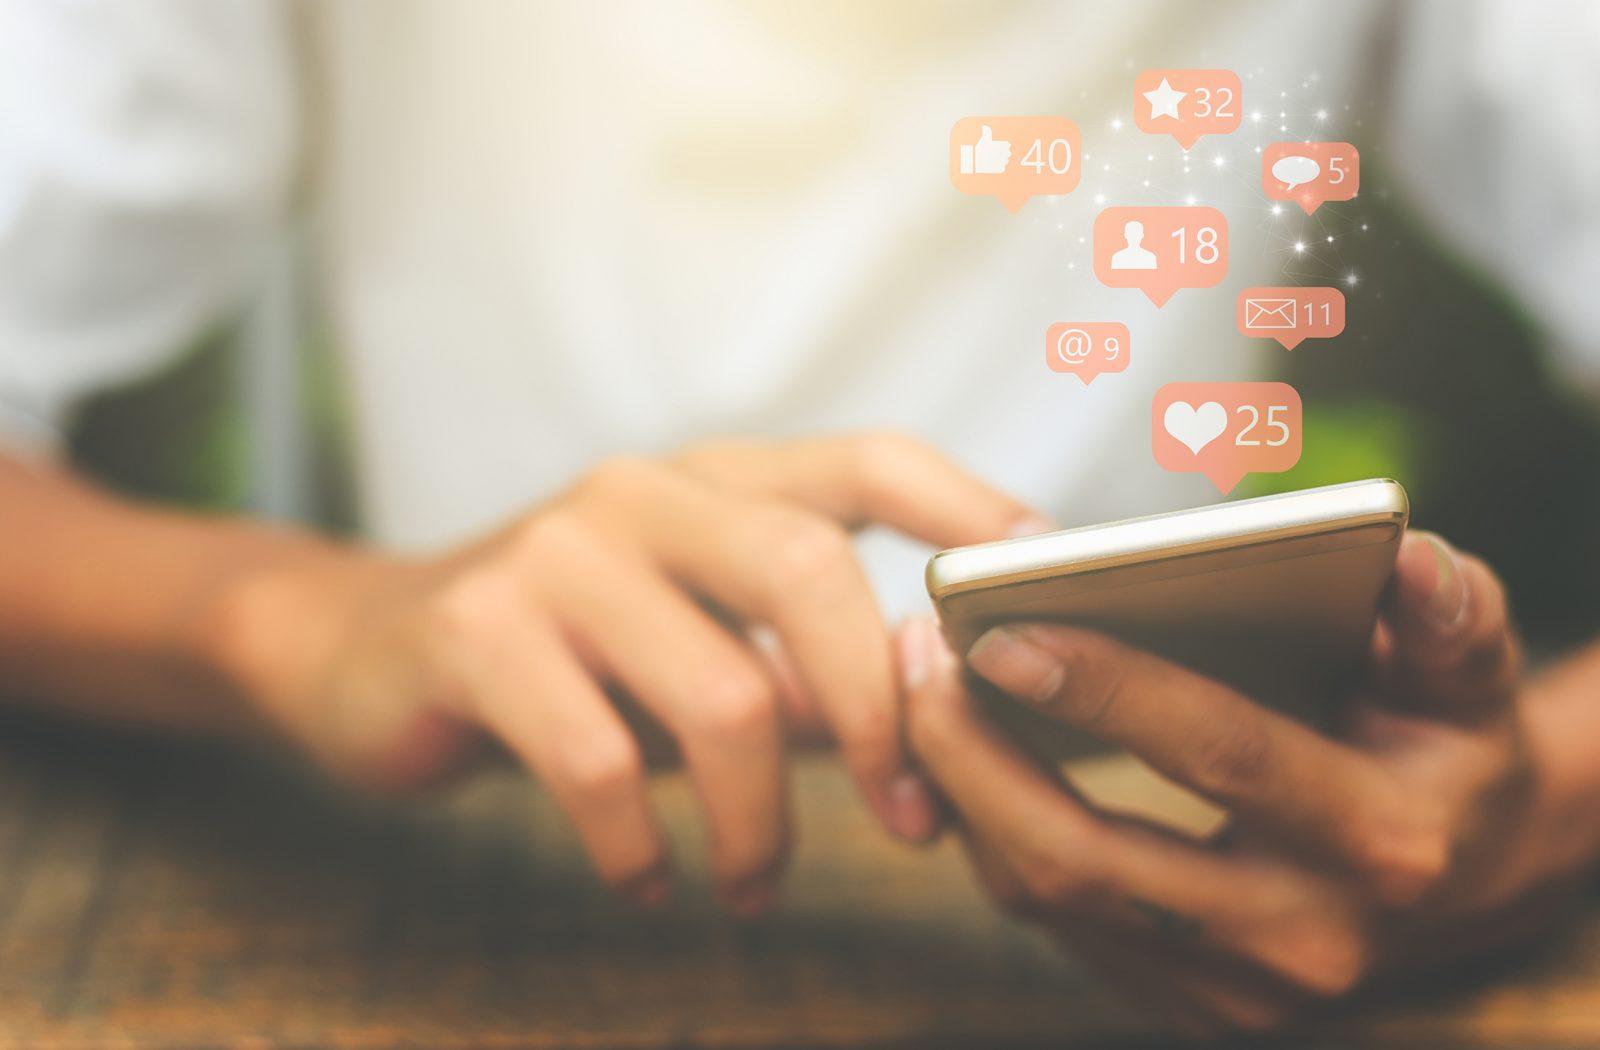 Réseaux sociaux: un outil en santé mentale?